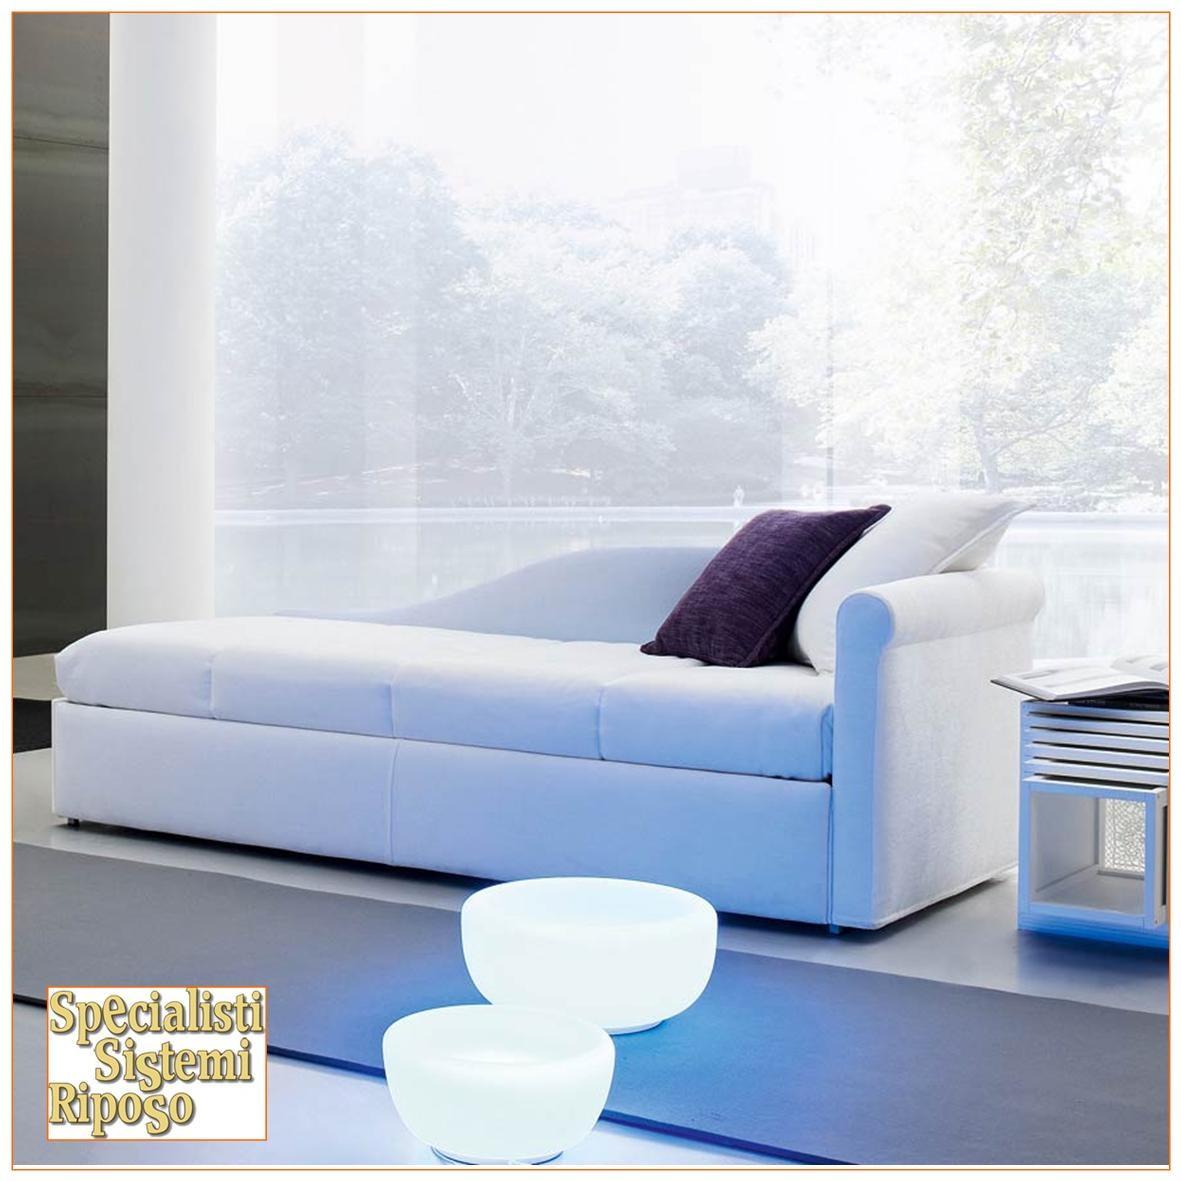 Poltrone e sofa letto simple standard twils poltrone e sofa offerte divani letto grigio with - Divani letto sofa offerte ...